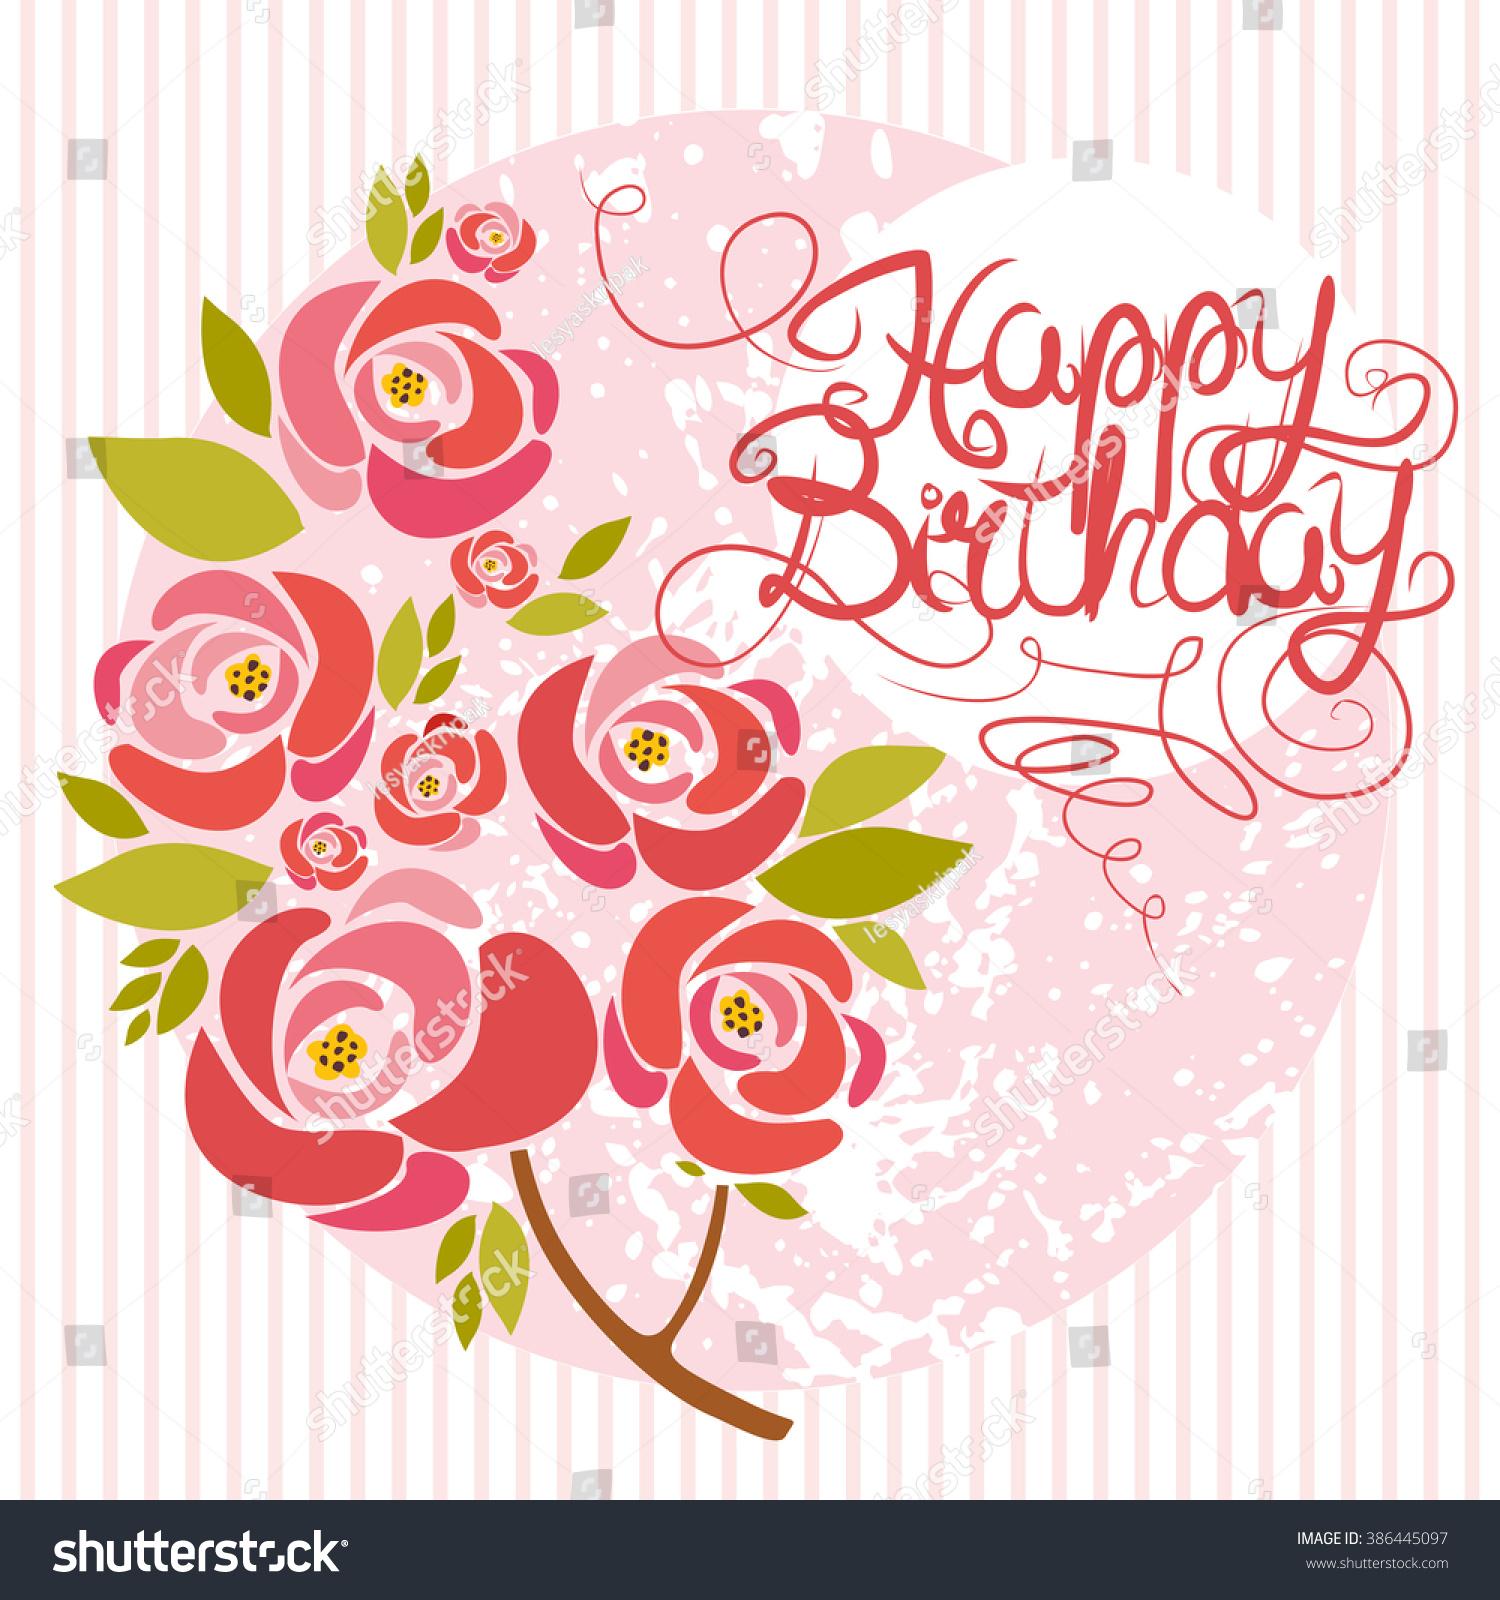 Design Birthday Picture Online